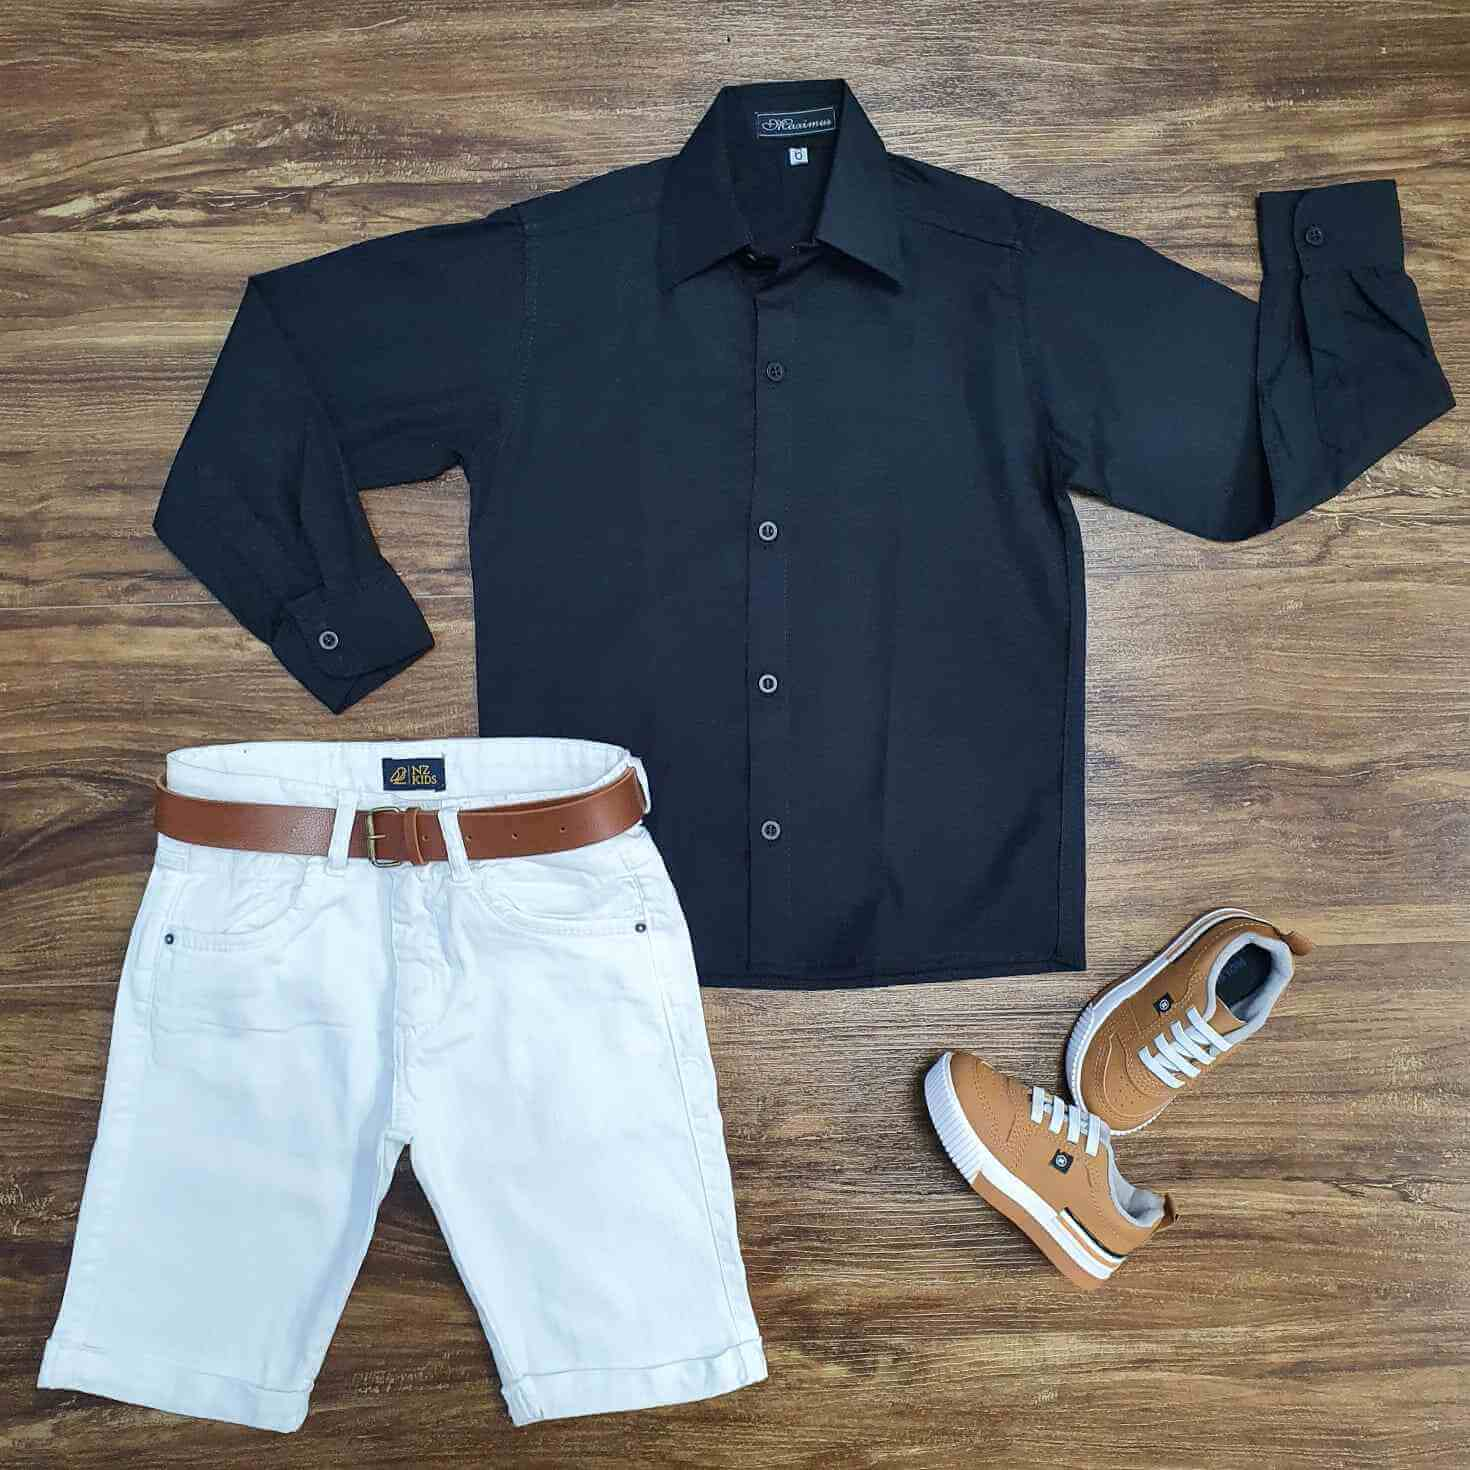 Bermuda Branca com Suspensório e Camisa Manga Longa com Gravata